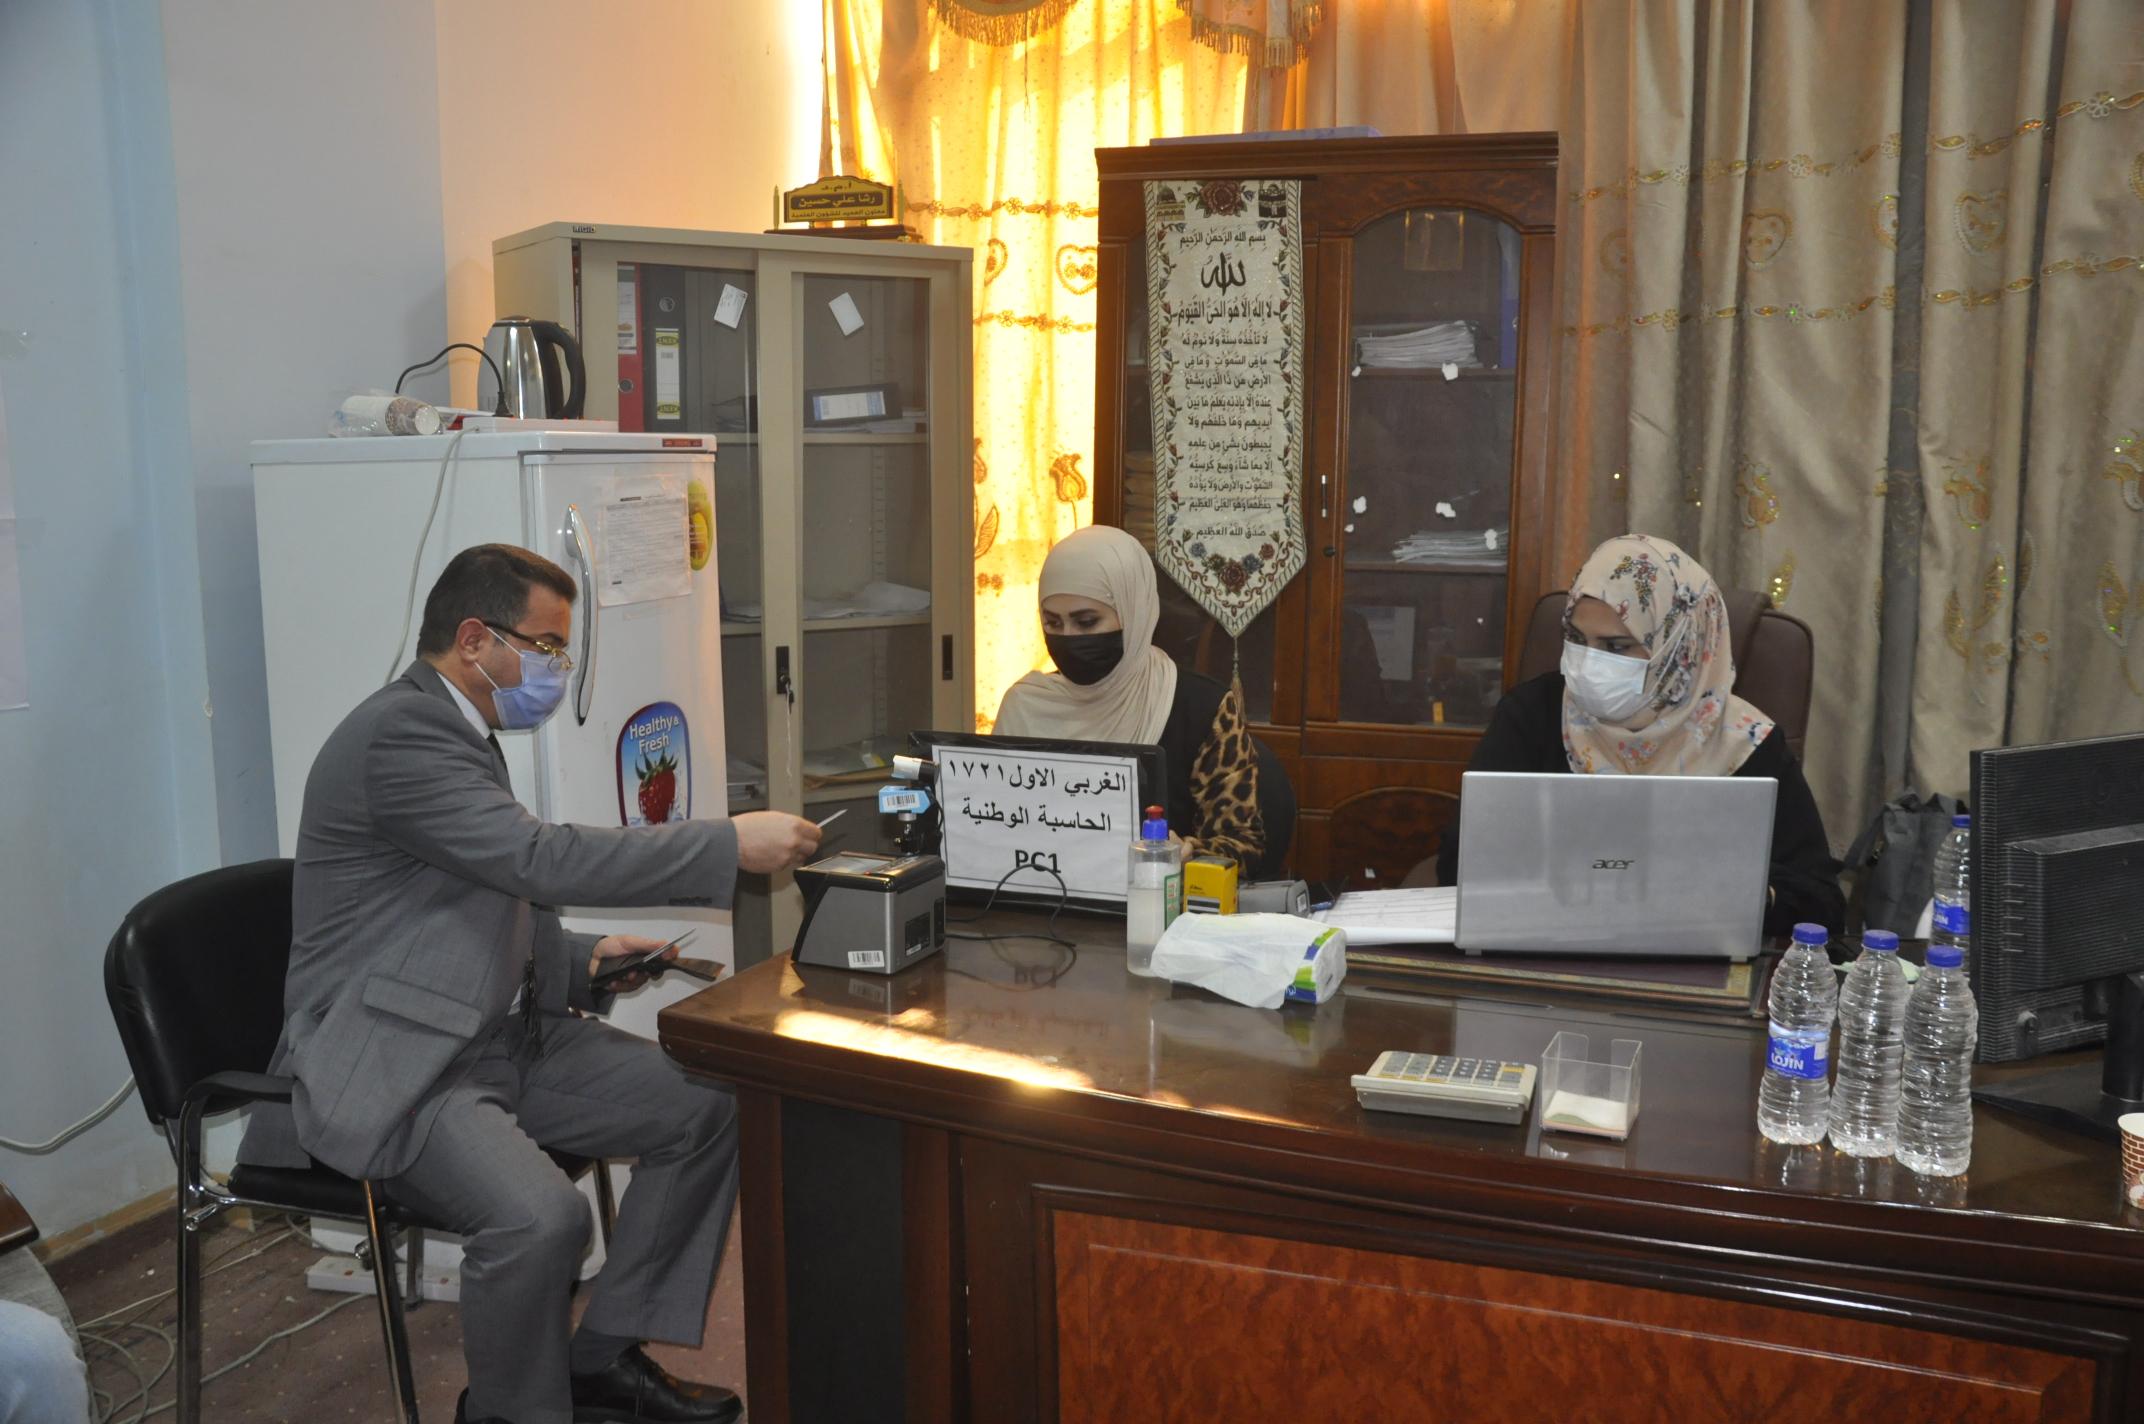 كلية الهندسة تستضيف لجنة المفوضية العليا المستقلة للانتخابات